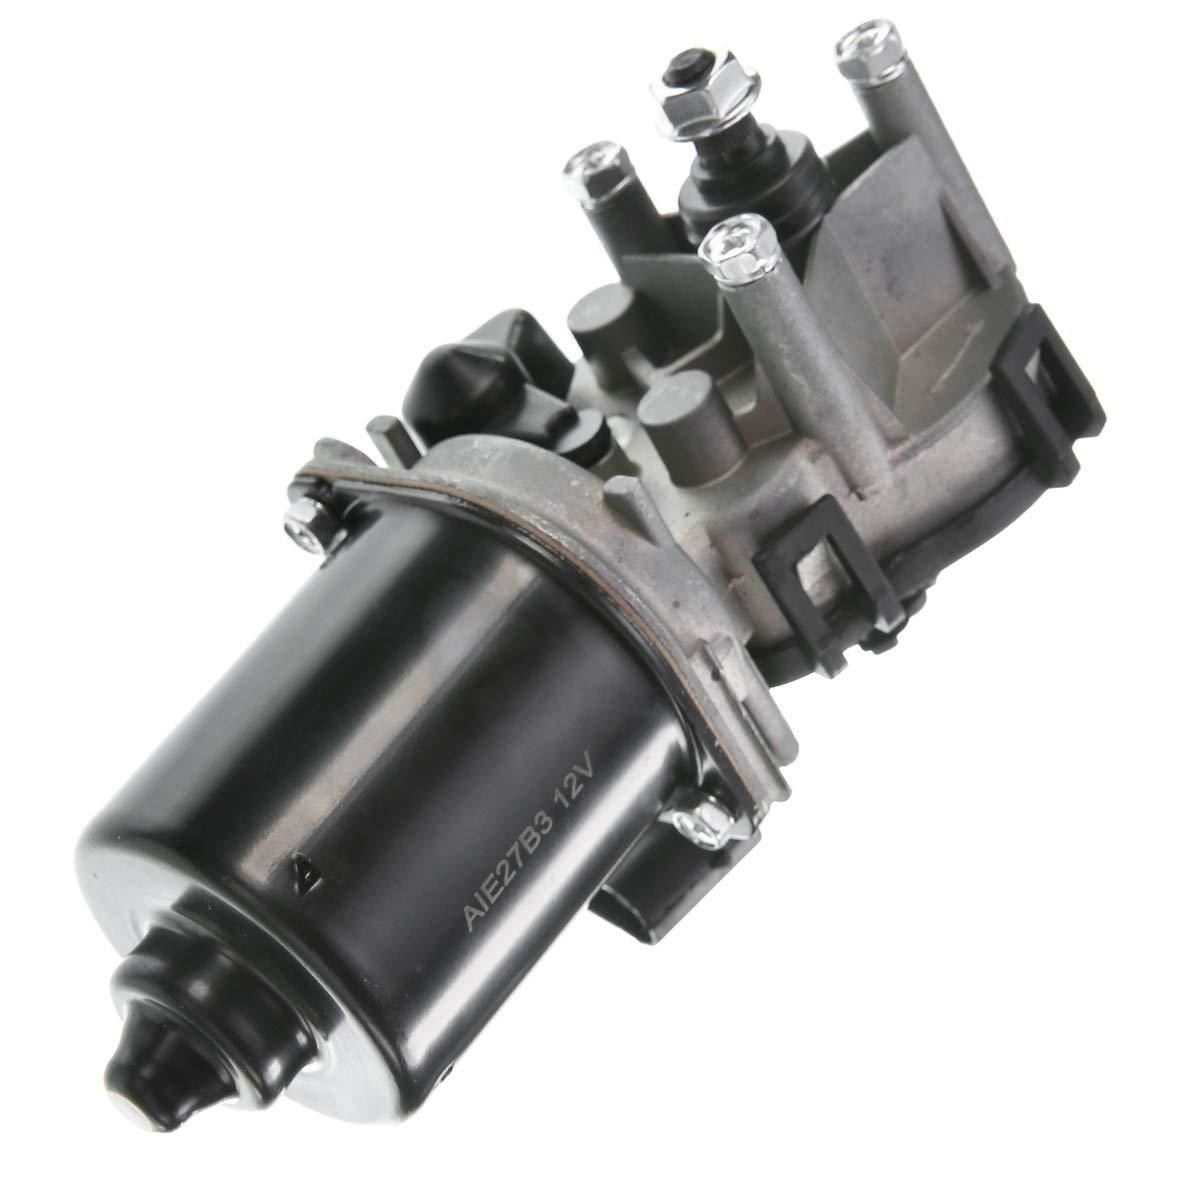 Wischermotor Scheibenwischermotor Vorne f/ür Min i R50 R53 R56 R52 R57 R55 R58 R59 2001-2015 61618229128